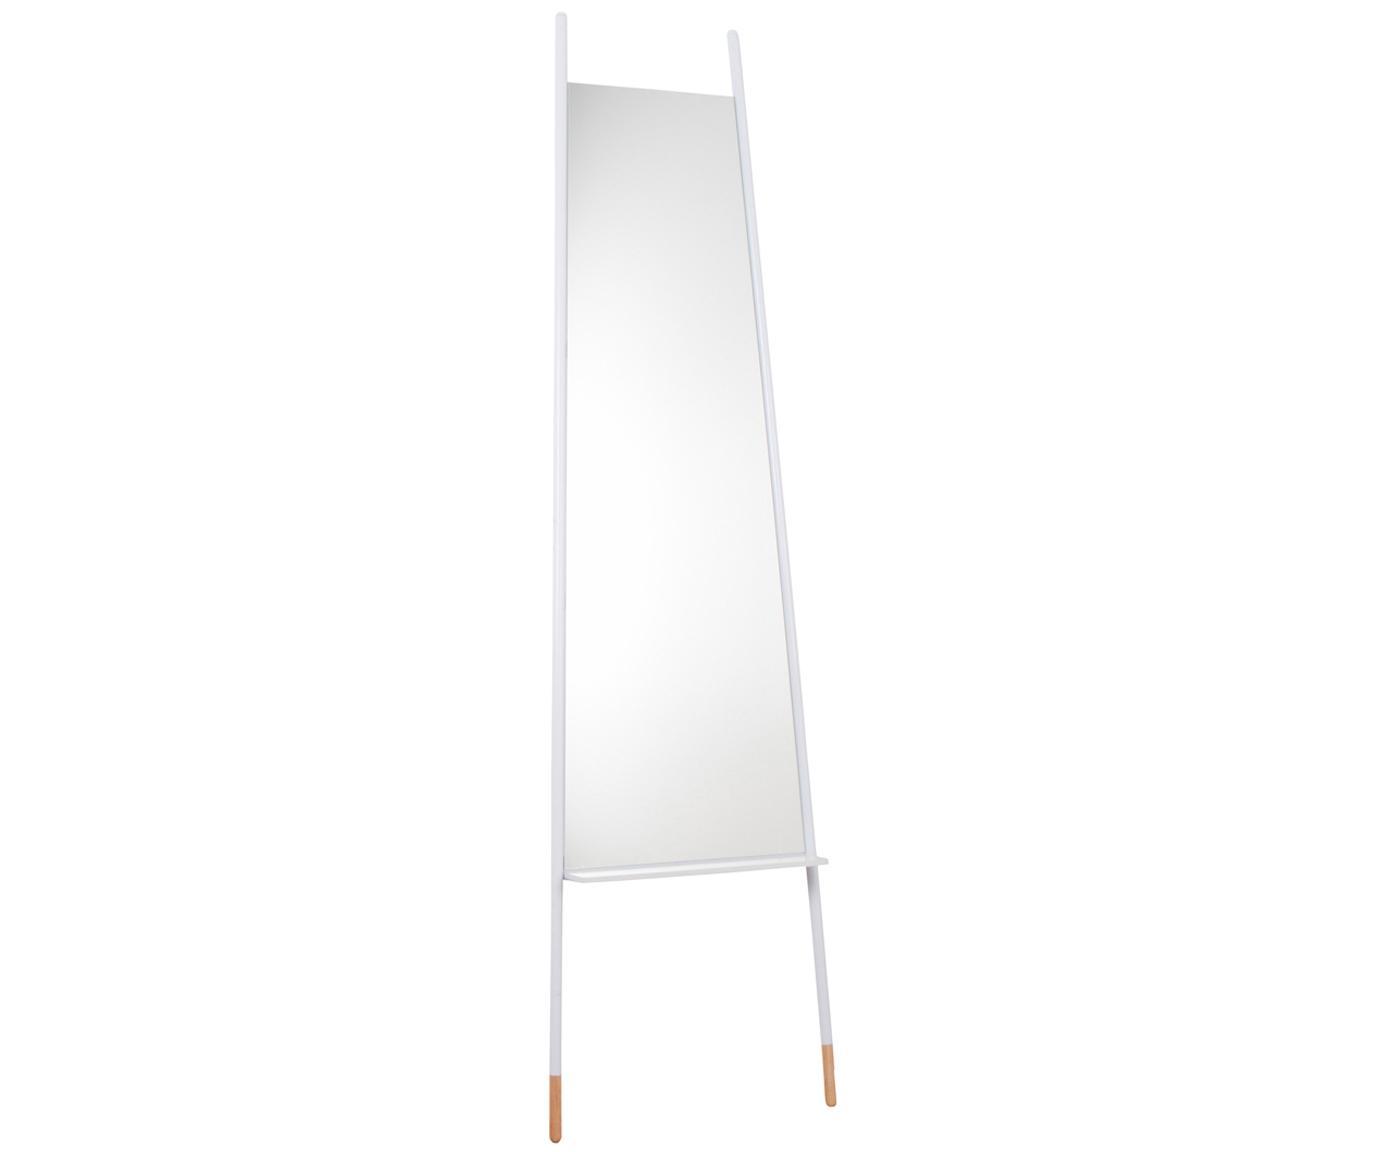 Eckiger Anlehnspiegel Dresser  mit Ablage, Rahmen: Metall, Holzfüsse, Spiegelfläche: Spiegelglas, Weiss, Spiegelglas, 48 x 171 cm